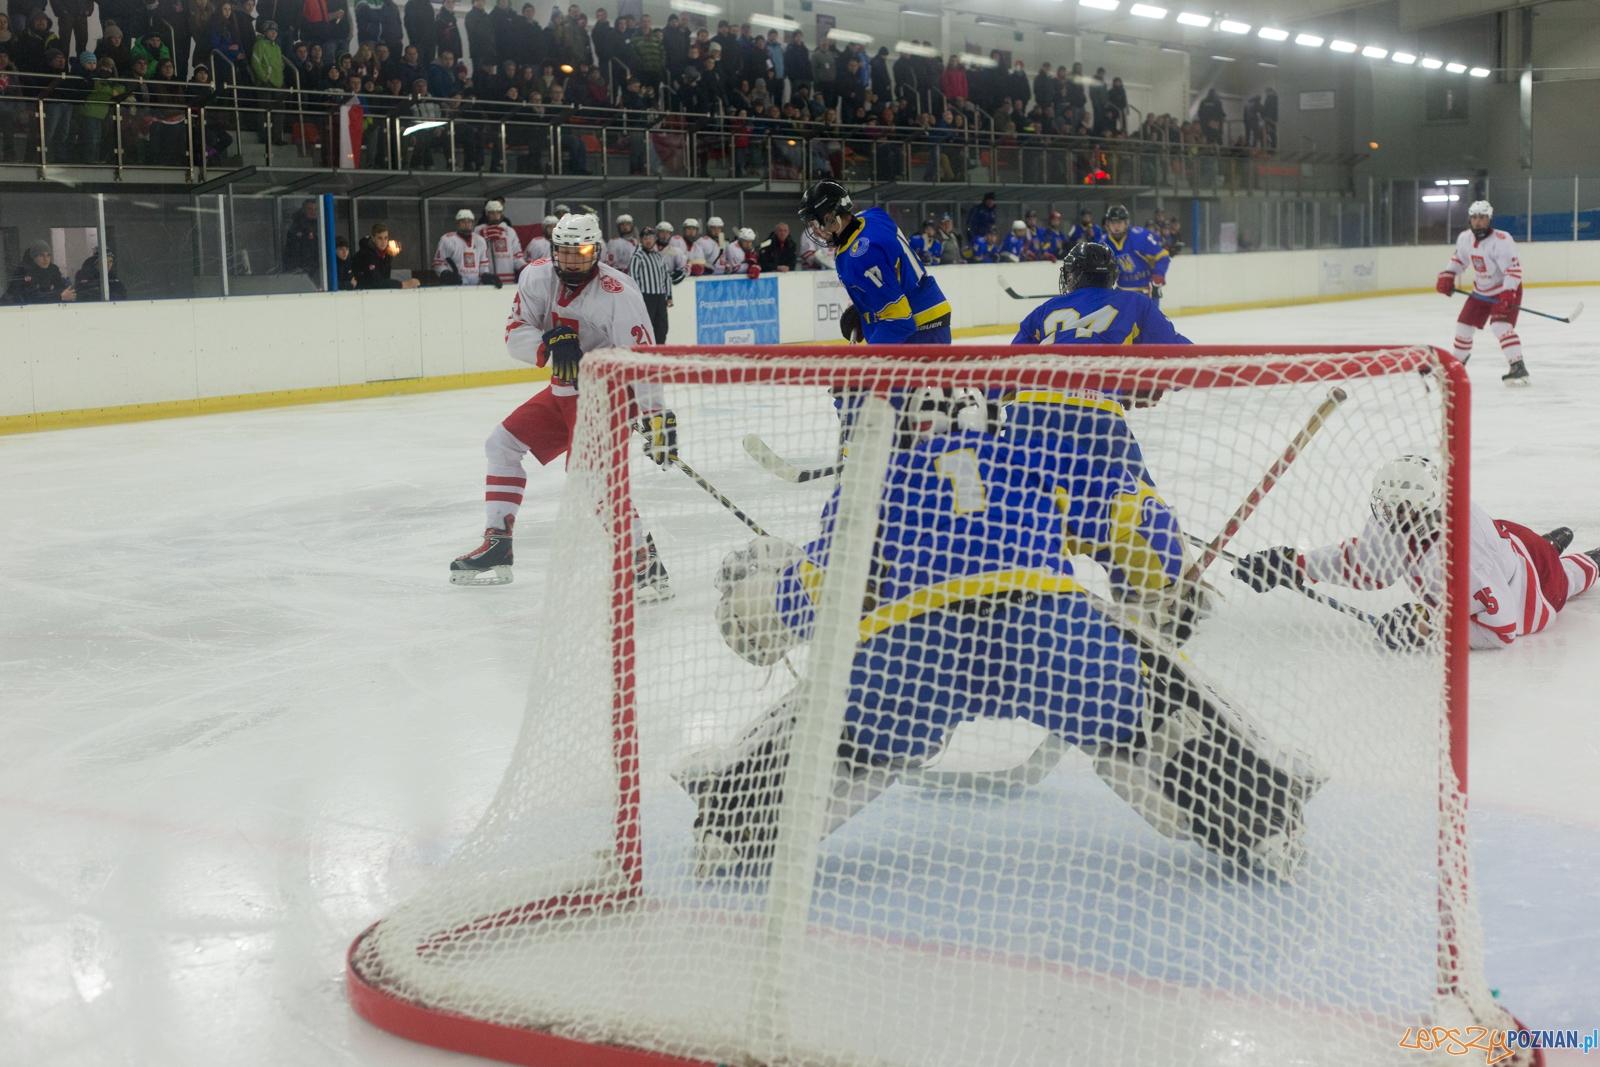 Międzynarodowy turniej hokeja na lodzie U18 (Polska - Ukraina)  Foto: lepszyPOZNAN.pl / Piotr Rychter